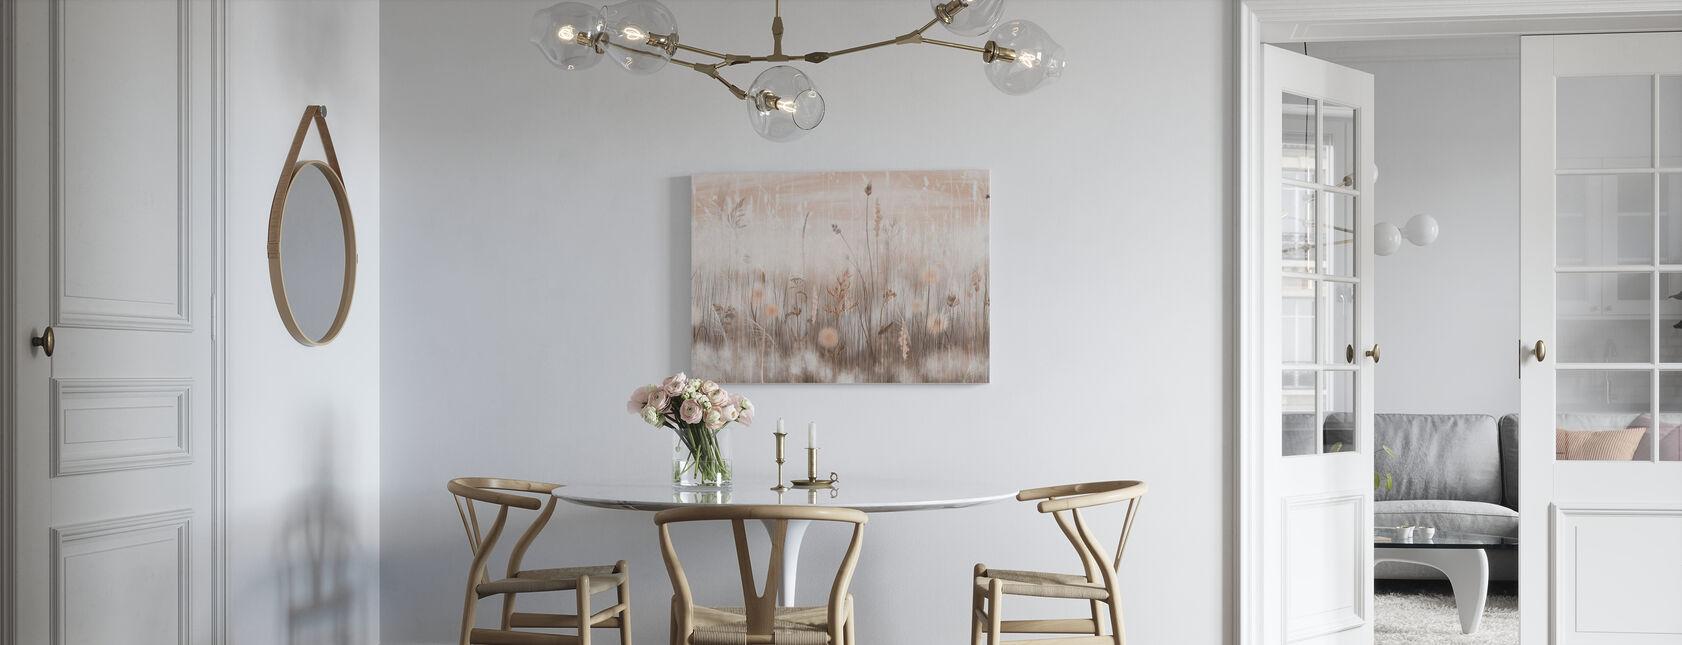 Grassy - Sepia - Canvas print - Kitchen